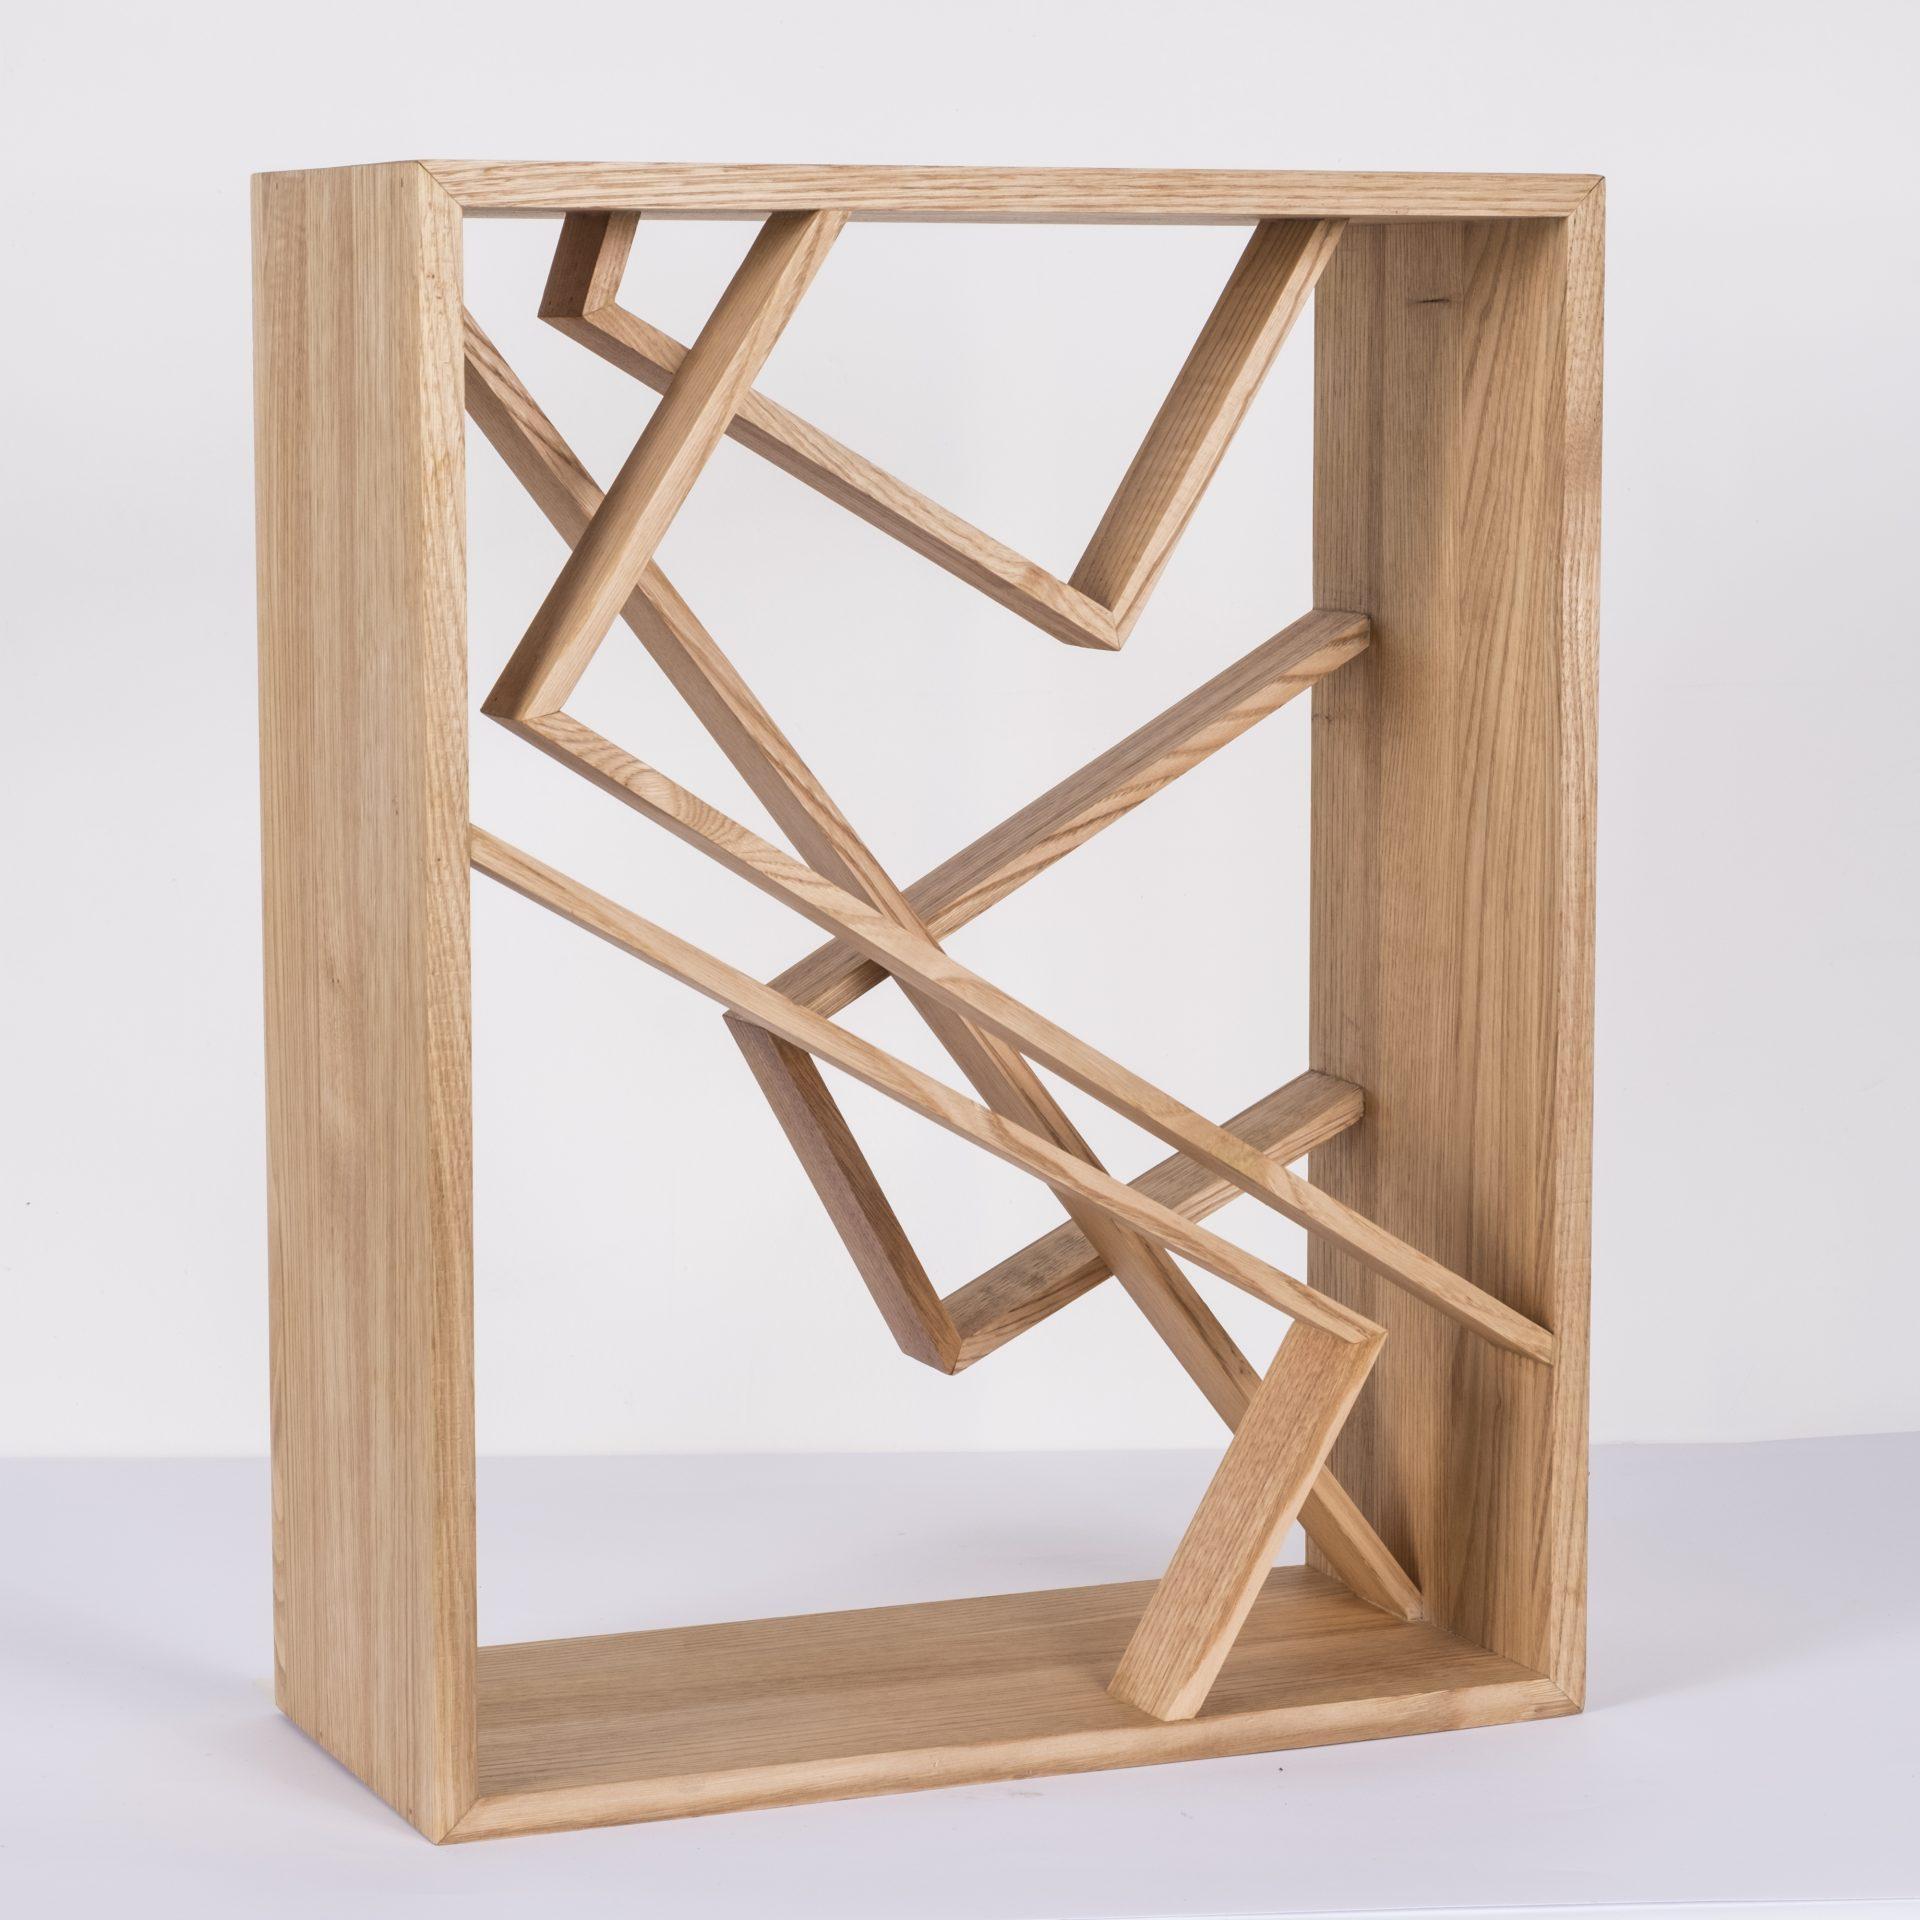 Unlimited in Dynamo<br>RMR26<br>misure: circa 44 x 56 cm<br>tecnica: legno castagno <br>anno: 2018<br>